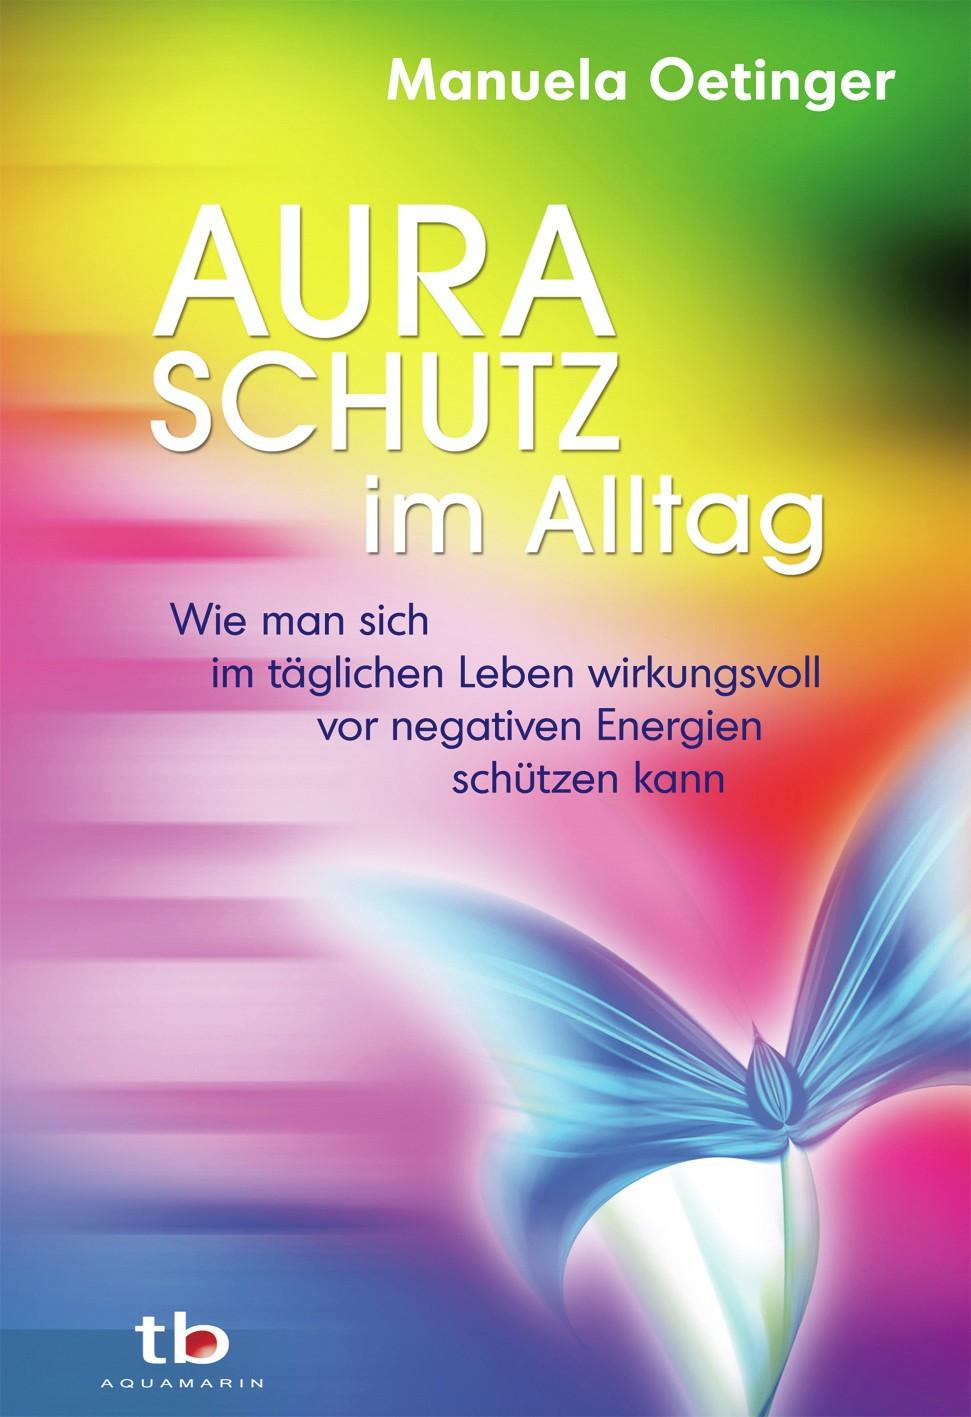 Buch Auraschutz im Alltag